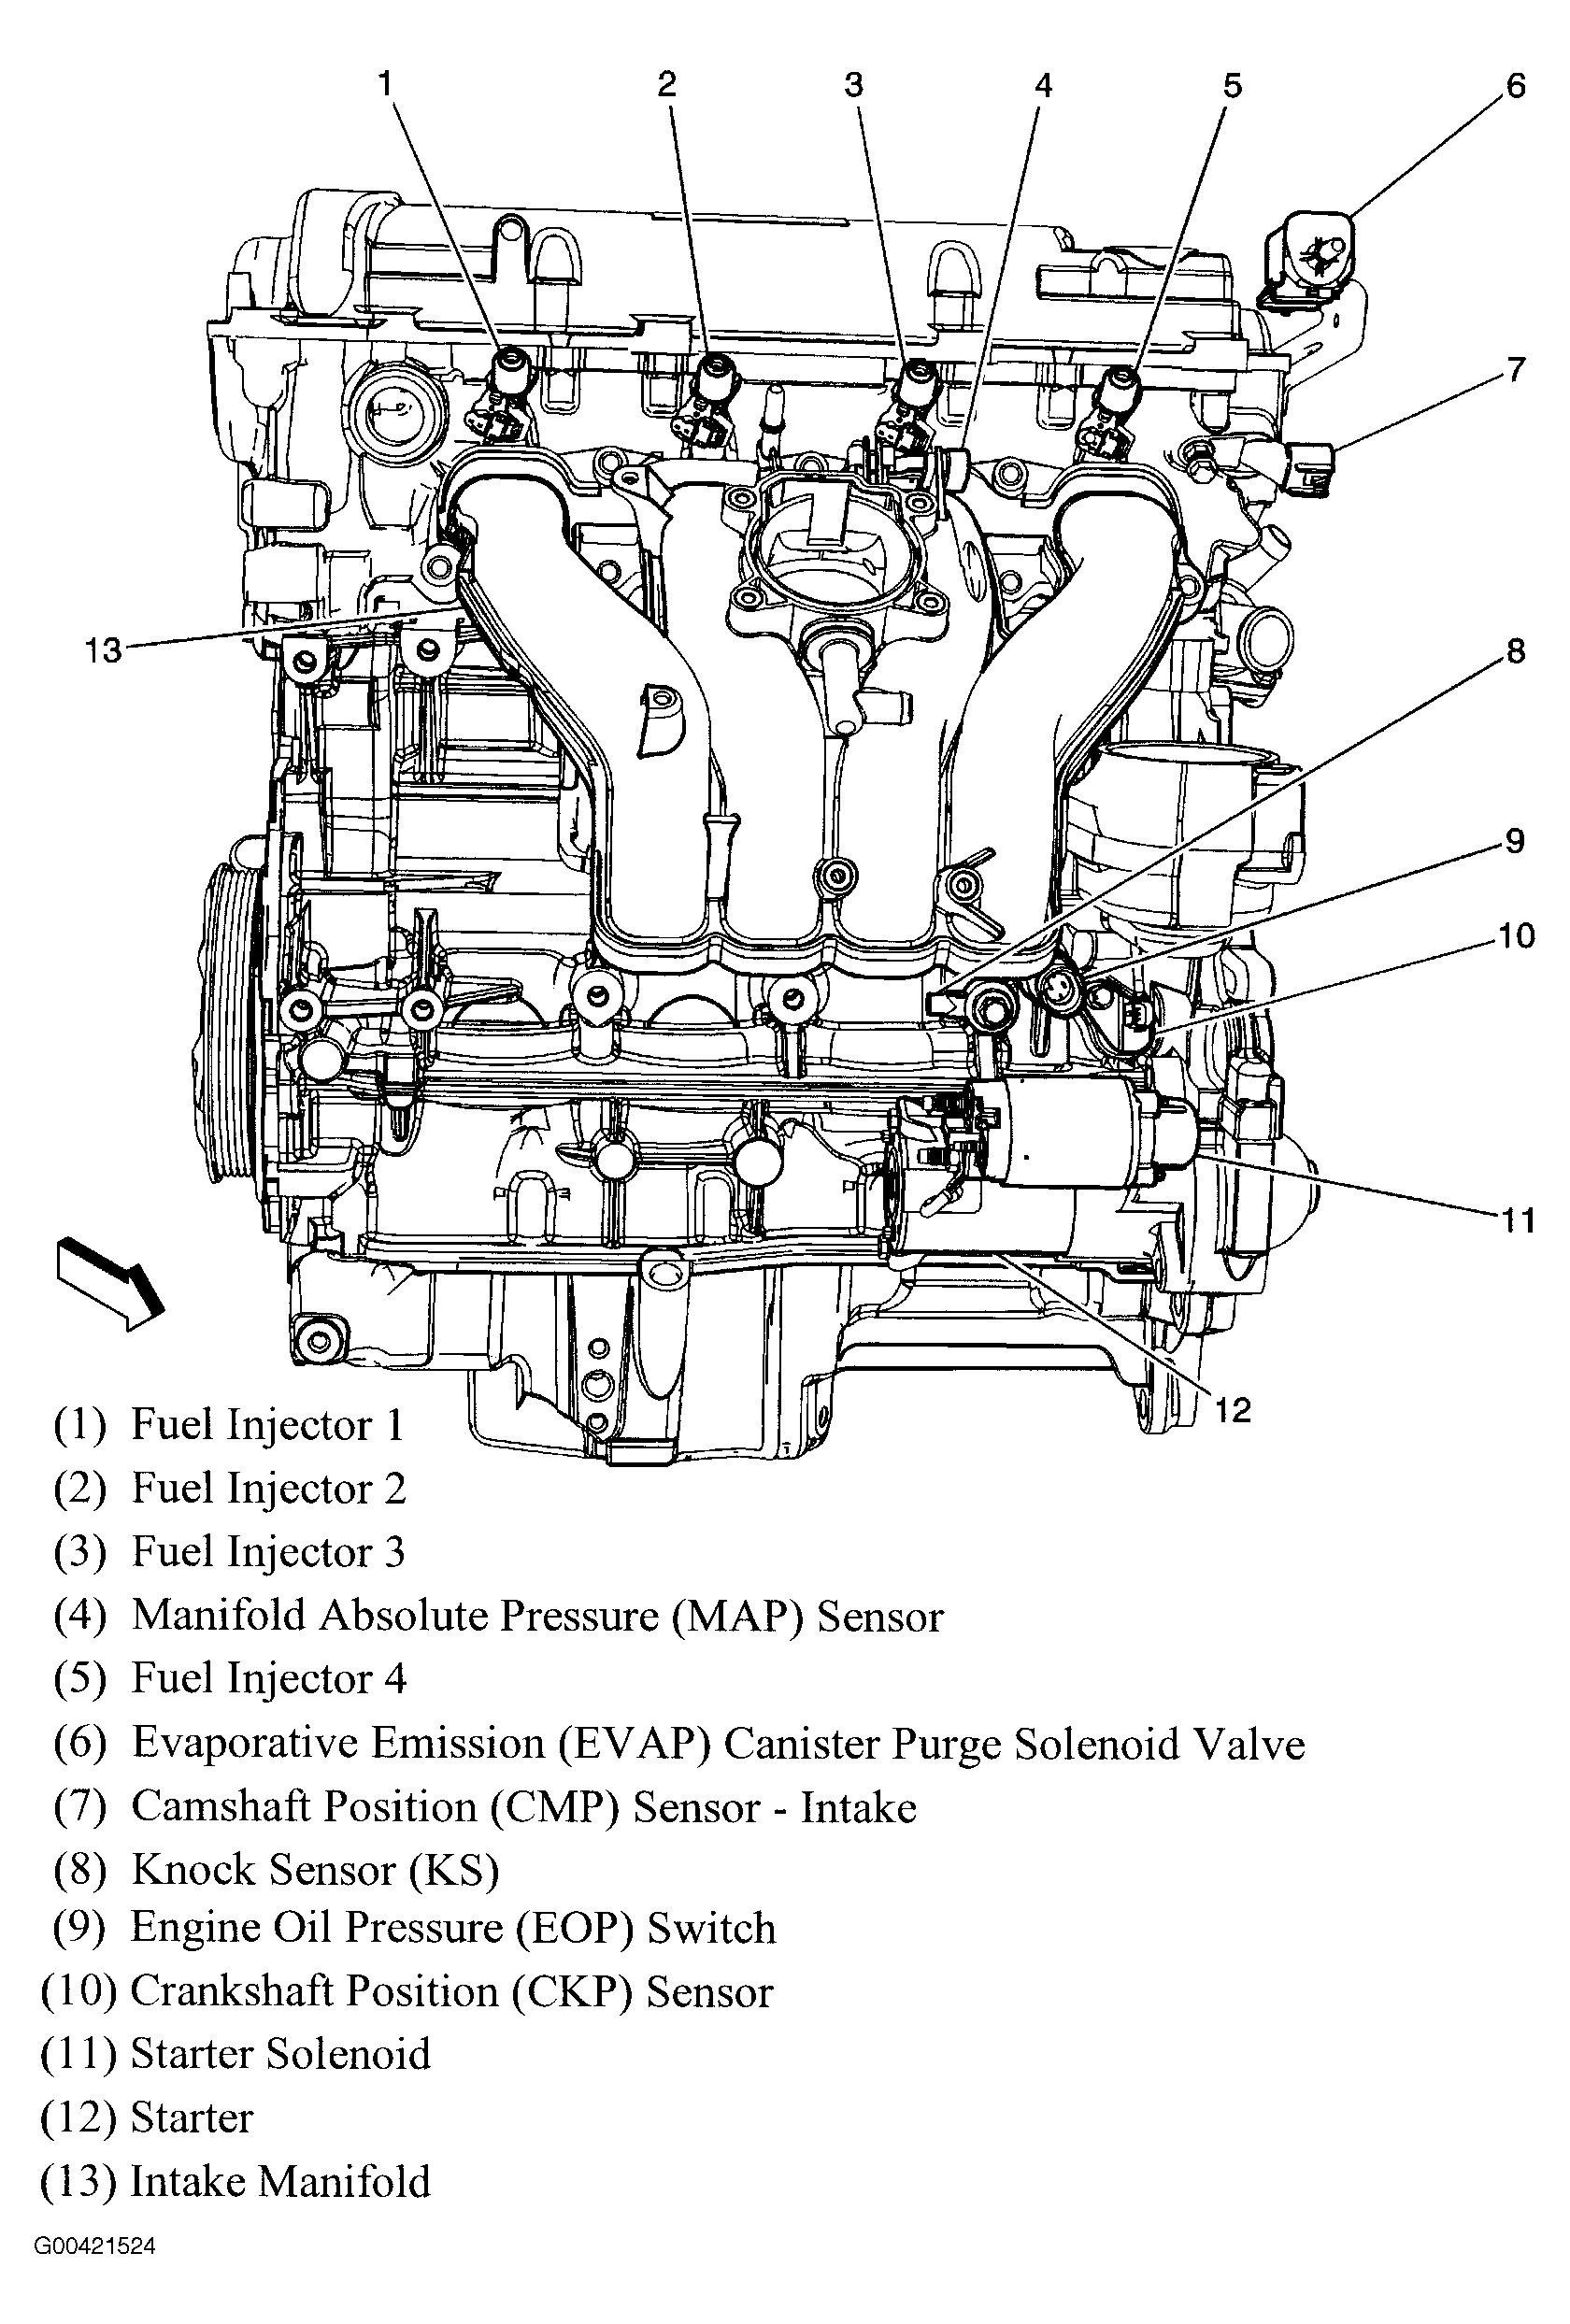 2001 Lincoln Ls Engine Diagram 02 Ls Fuse Diagram Wiring Diagram Datasource Of 2001 Lincoln Ls Engine Diagram